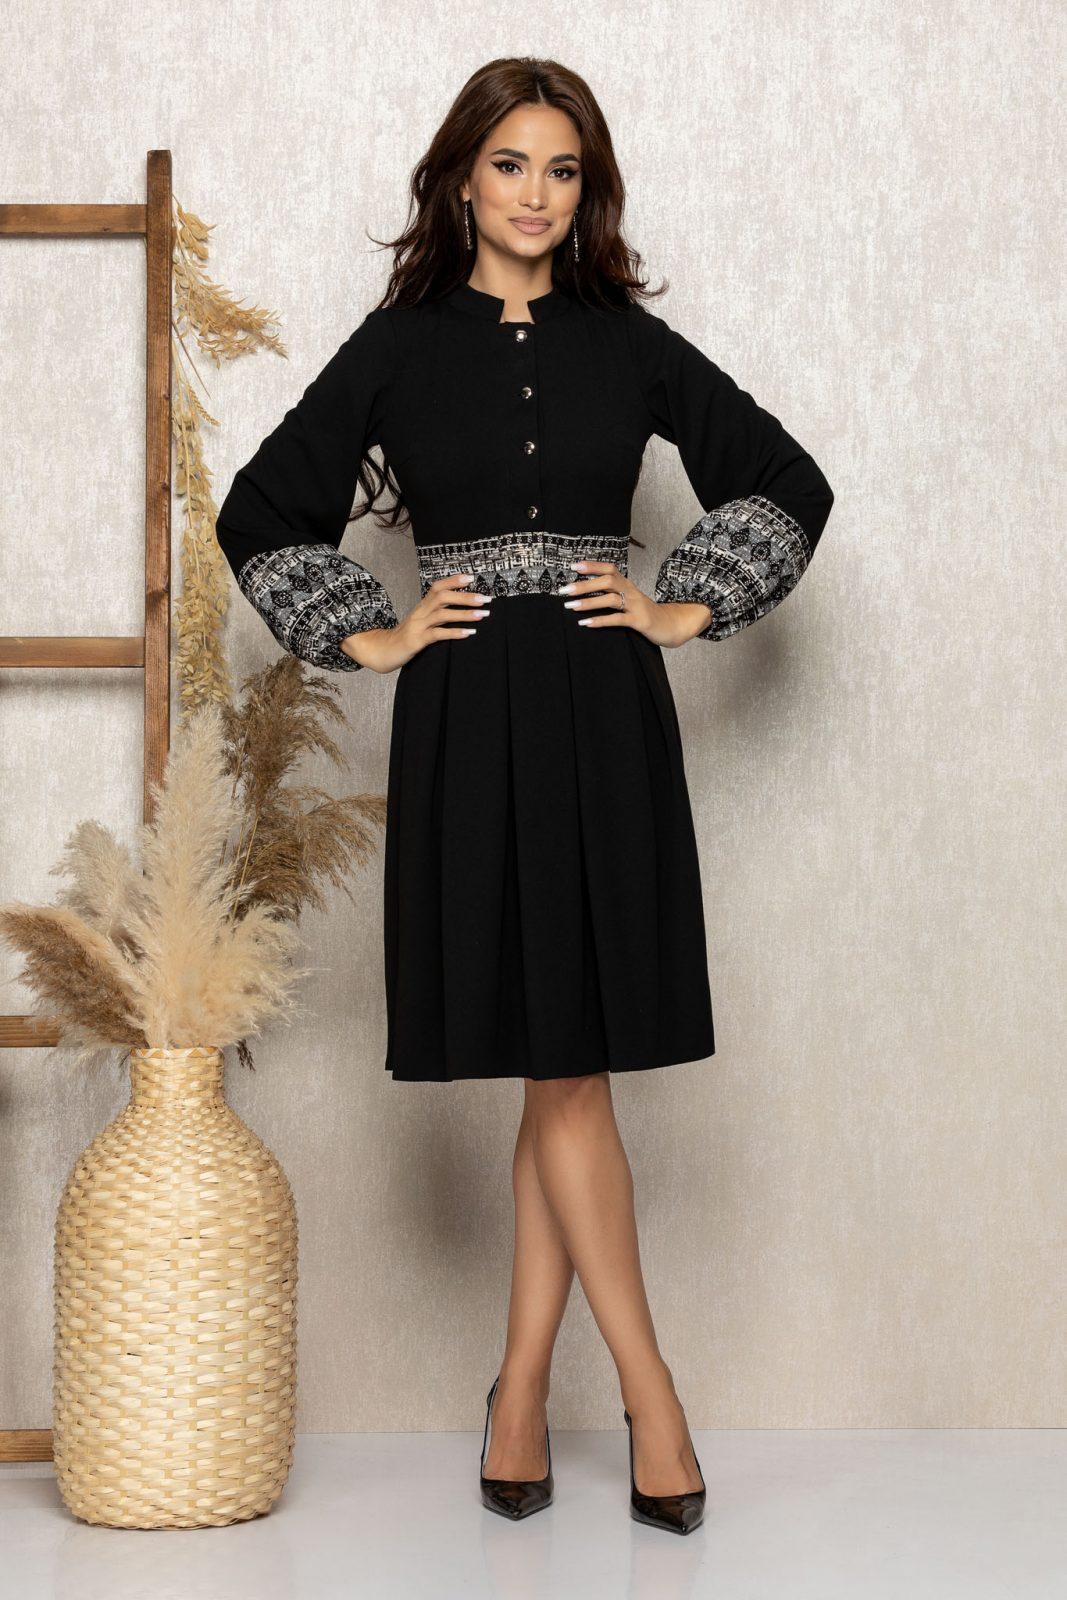 Μαύρο Μίντι Μακρυμάνικο Φόρεμα Aura T292 1